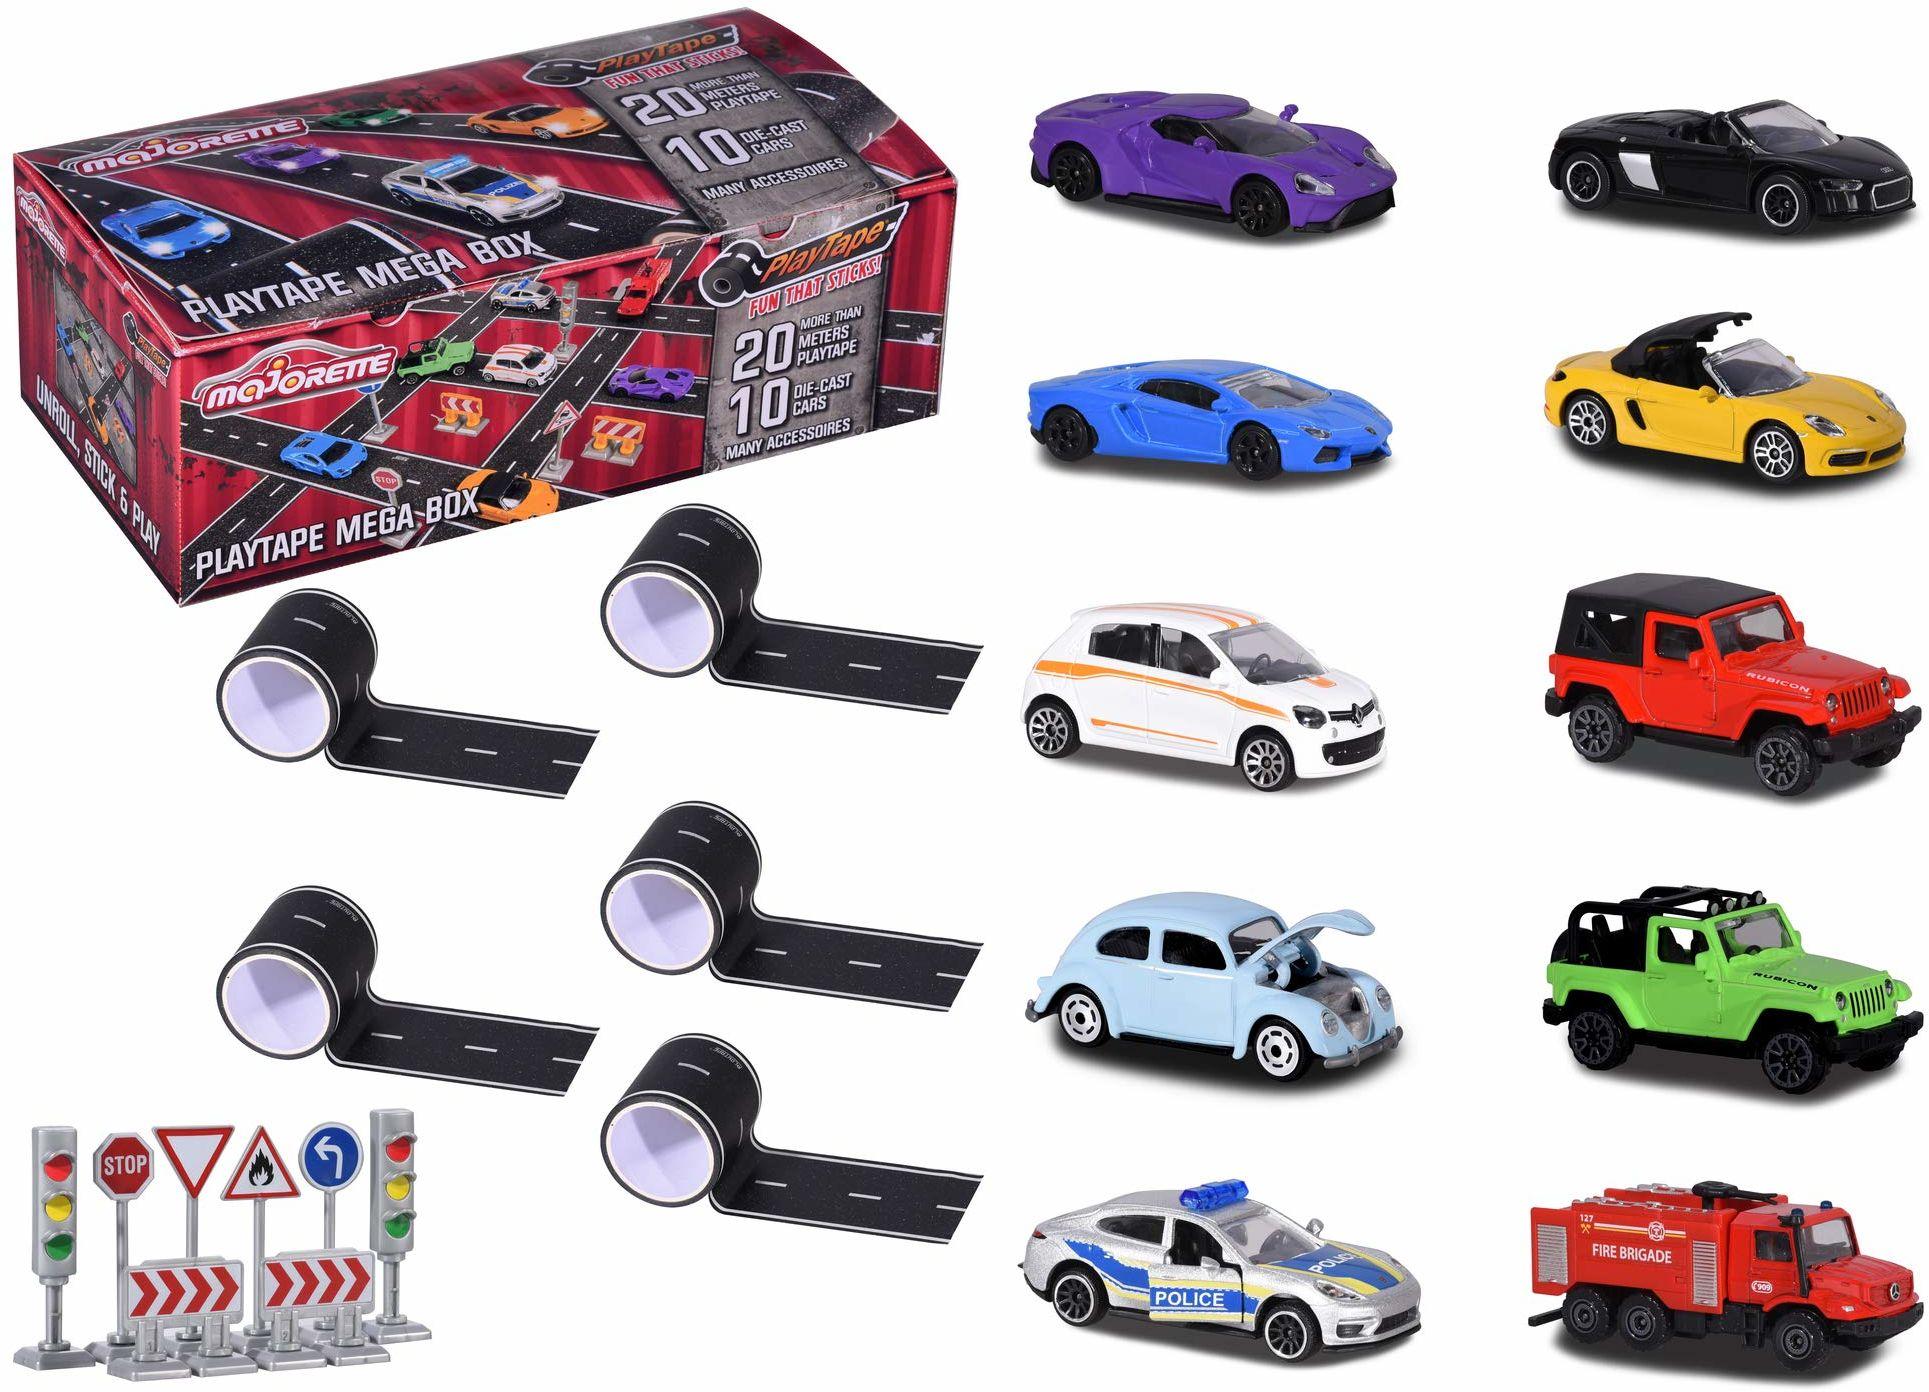 Majorette 212058198 Playtape Mega Box, 5X samoprzylepna taśma uliczna o długości 4,5 m, 10 Die-Cast samochody, w zestawie: 8 znaków drogowych, 1:64, 7,5 cm